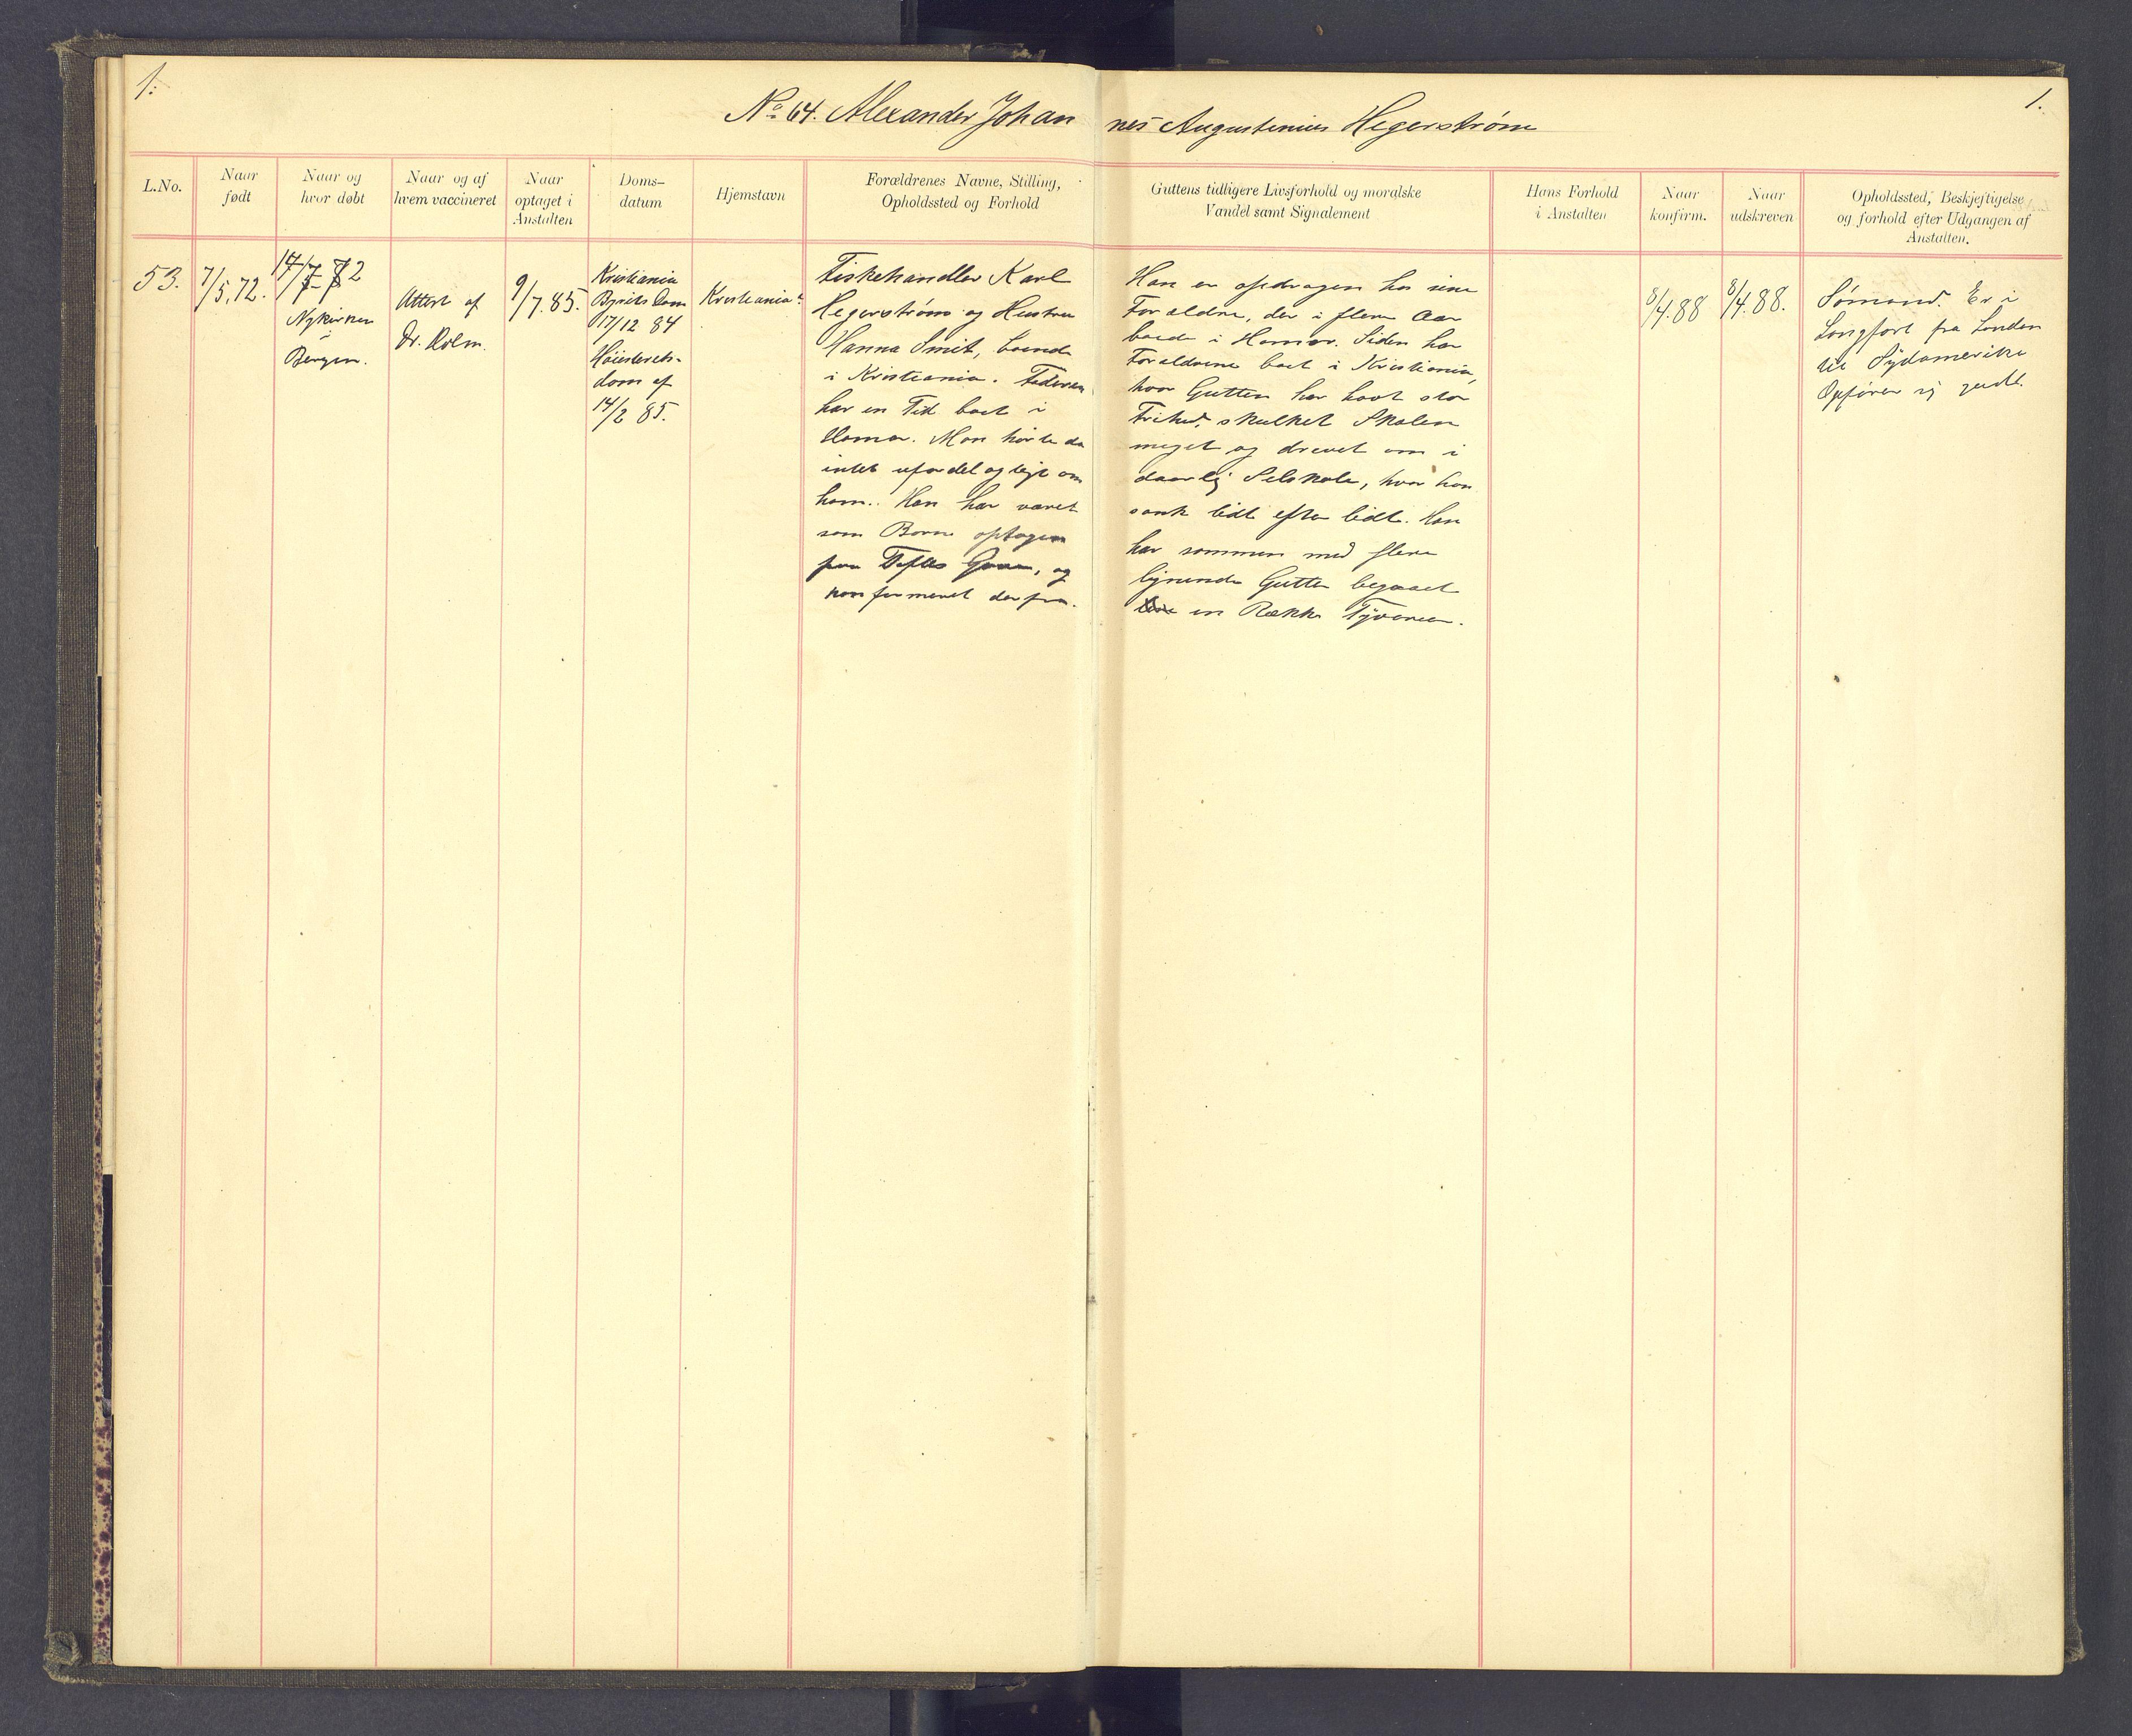 SAH, Toftes Gave, F/Fc/L0003: Elevprotokoll, 1886-1897, s. 1